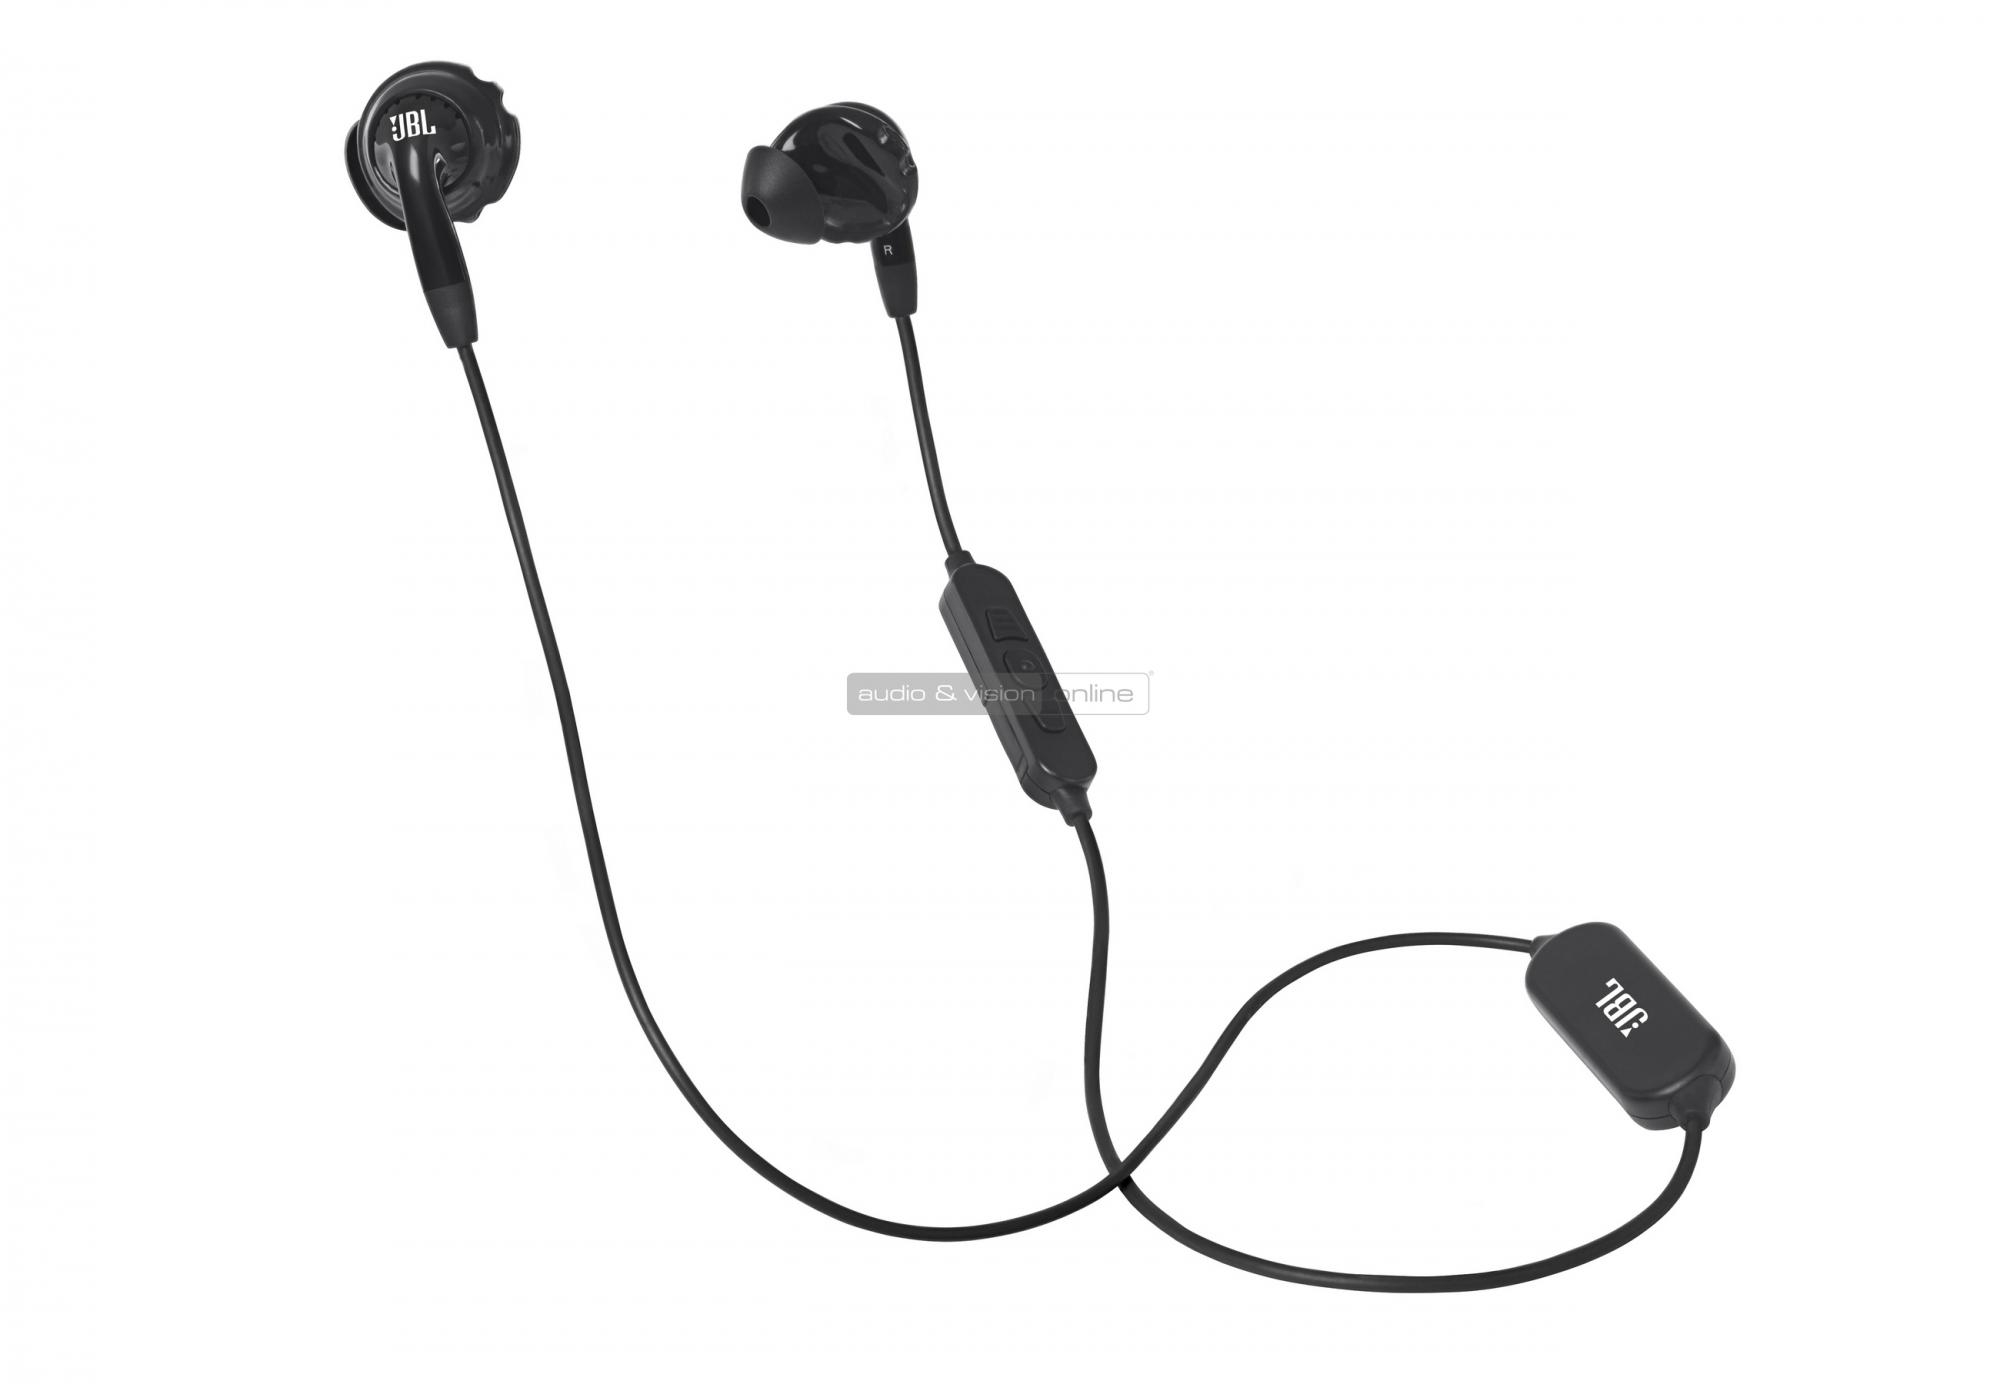 JBL Inspire 500 In-Ear Wireless Bluetooth sportfülhallgató teszt ... 1a217f6fc7